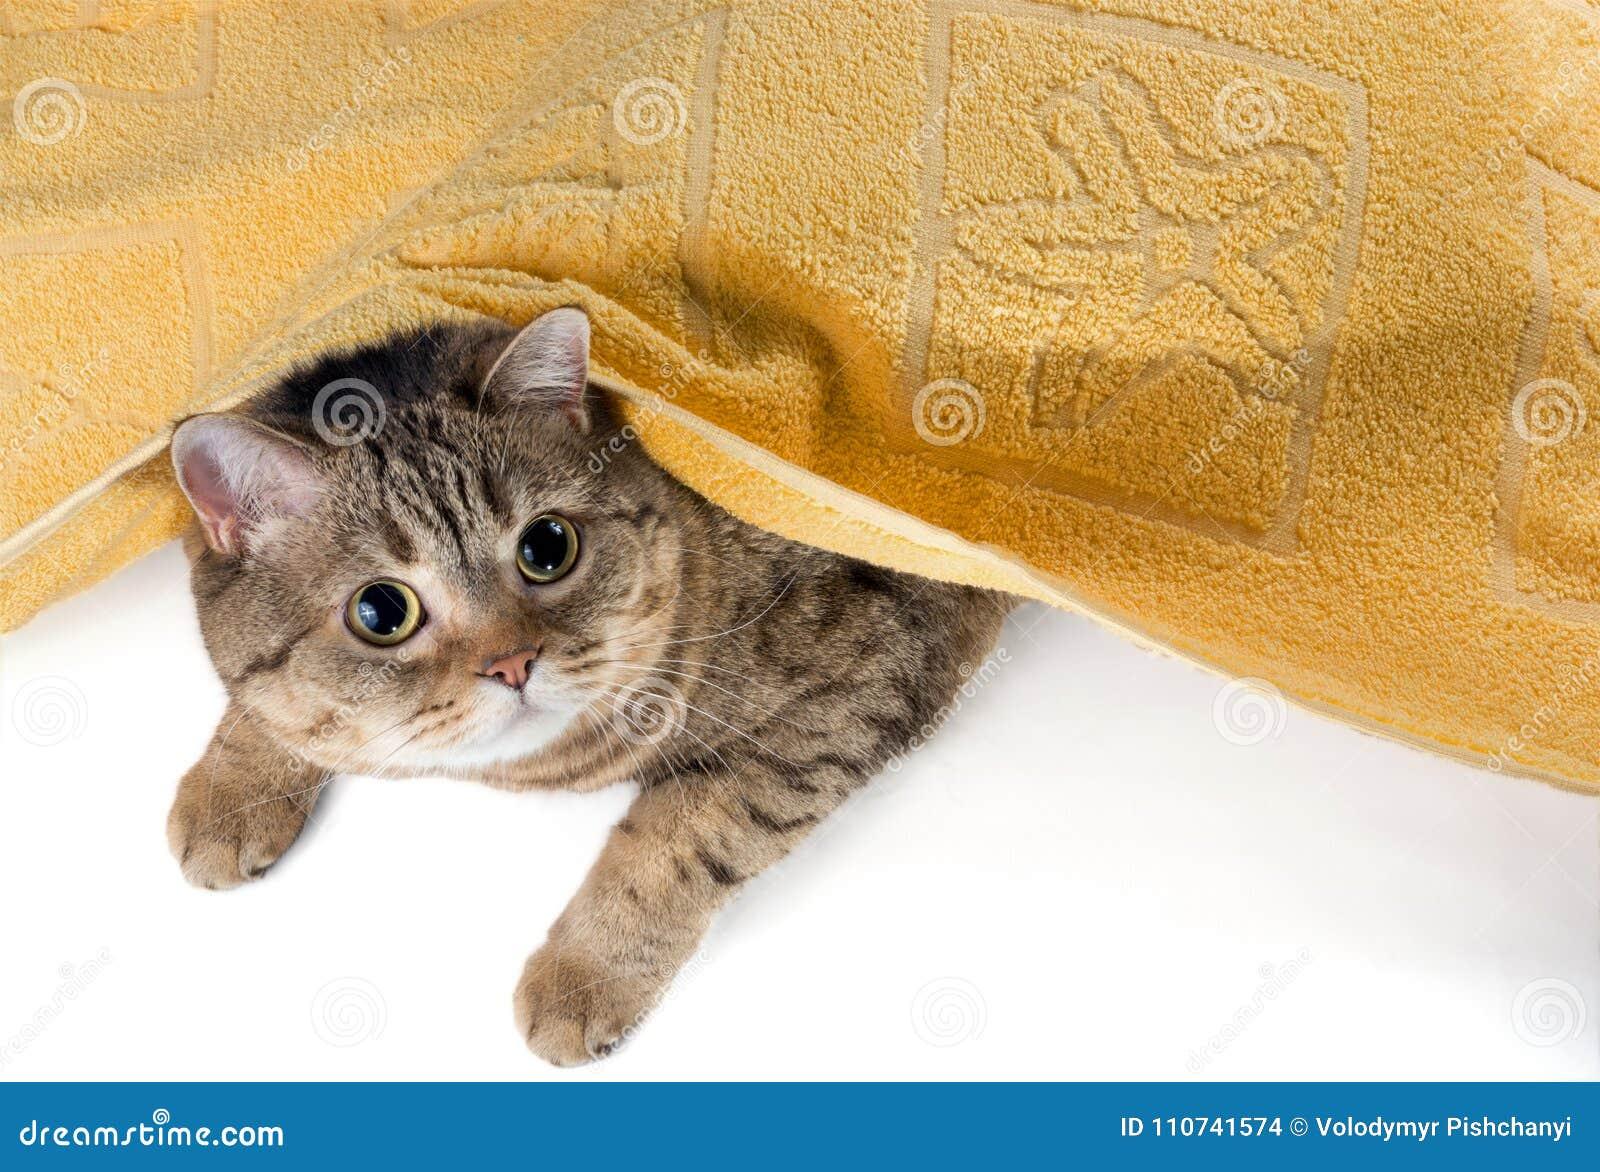 Le chat se trouve sous une serviette éponge jaune